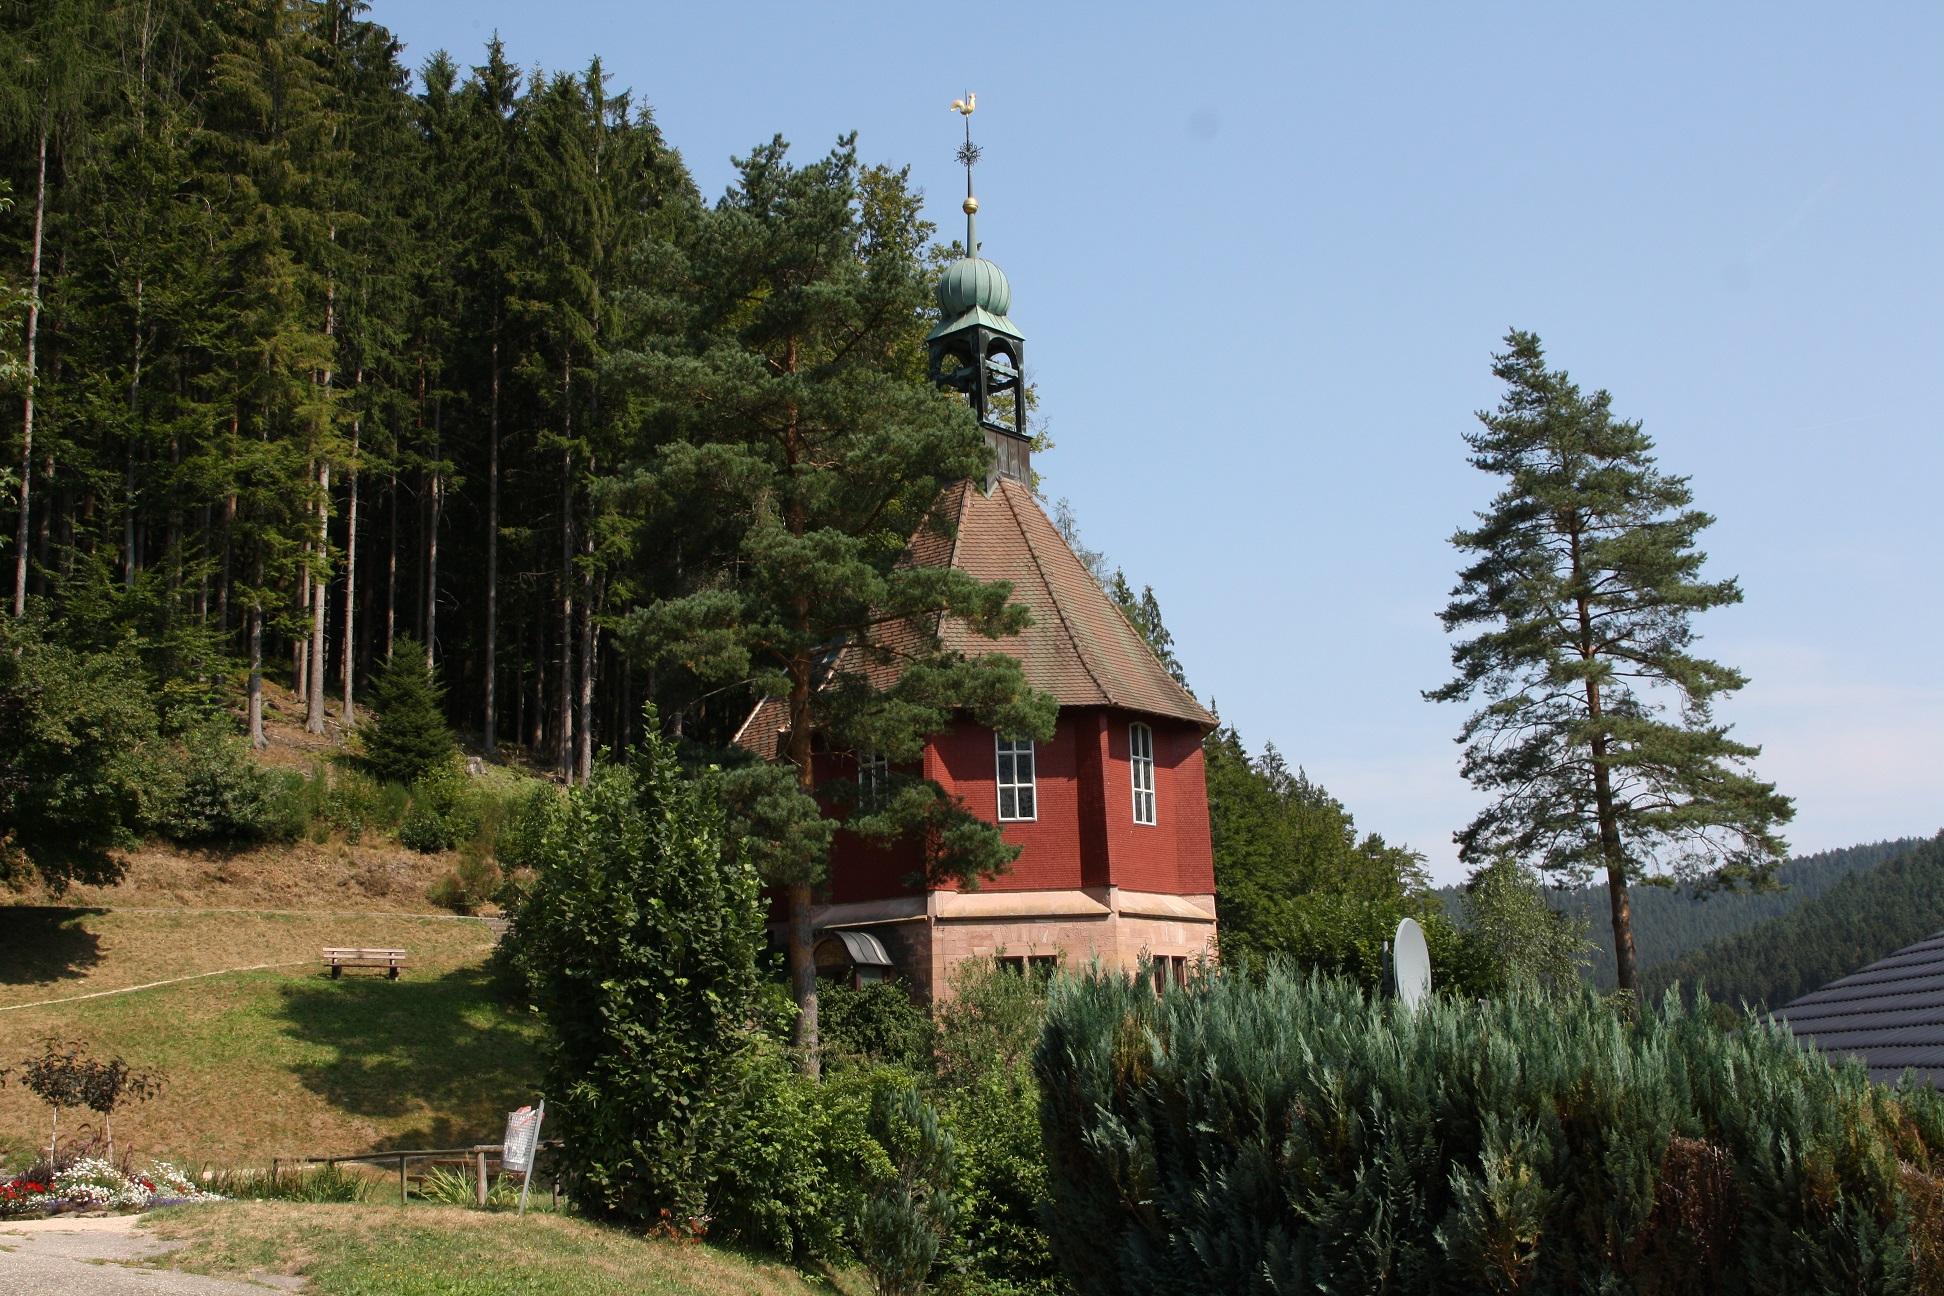 Blackforest-Bike&Hike-House